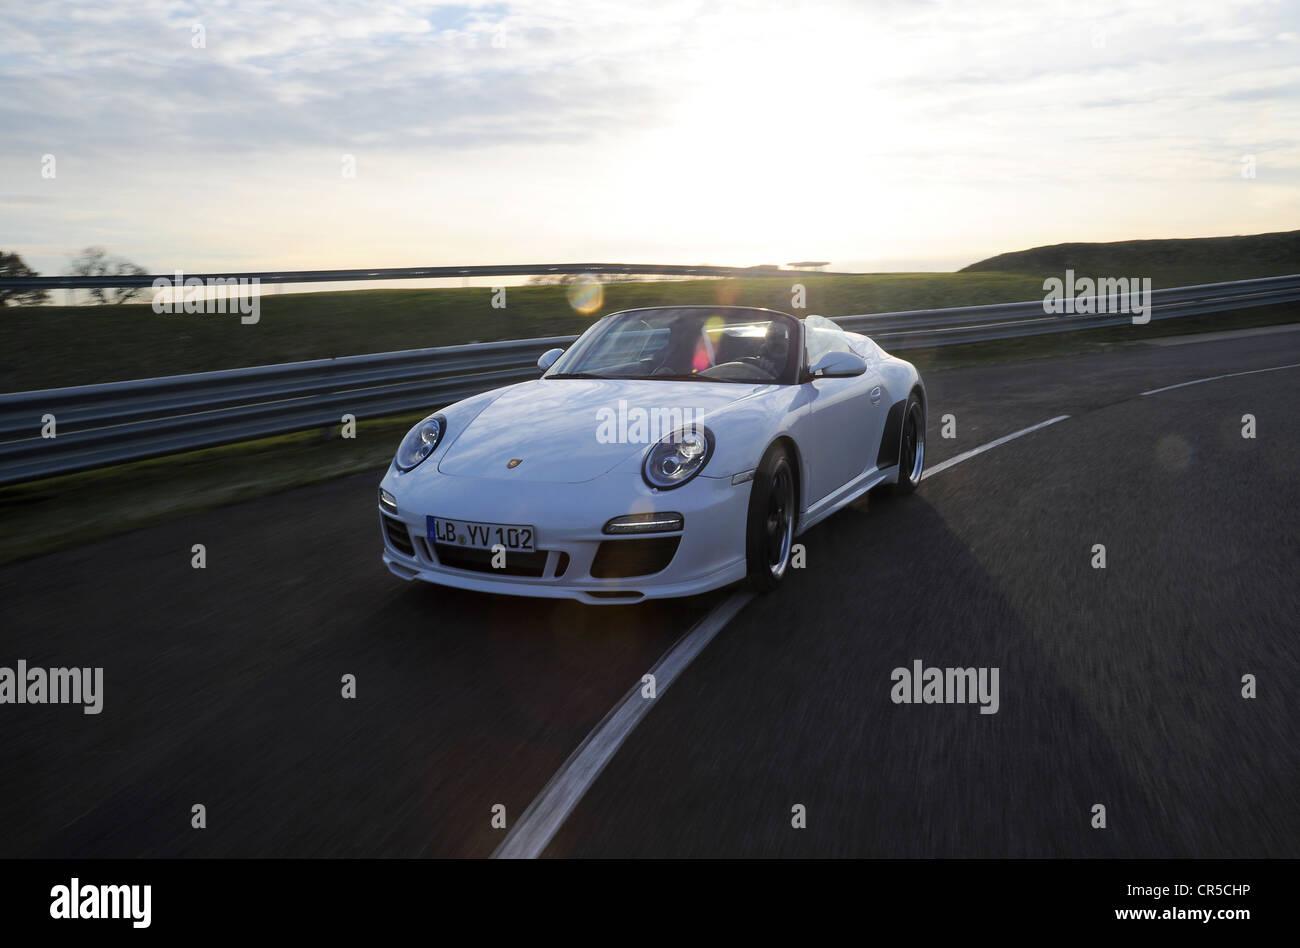 2011 Porsche 911 Speedster Limited Edition Cabrio-Sportwagen tracking Foto Bild Stockbild